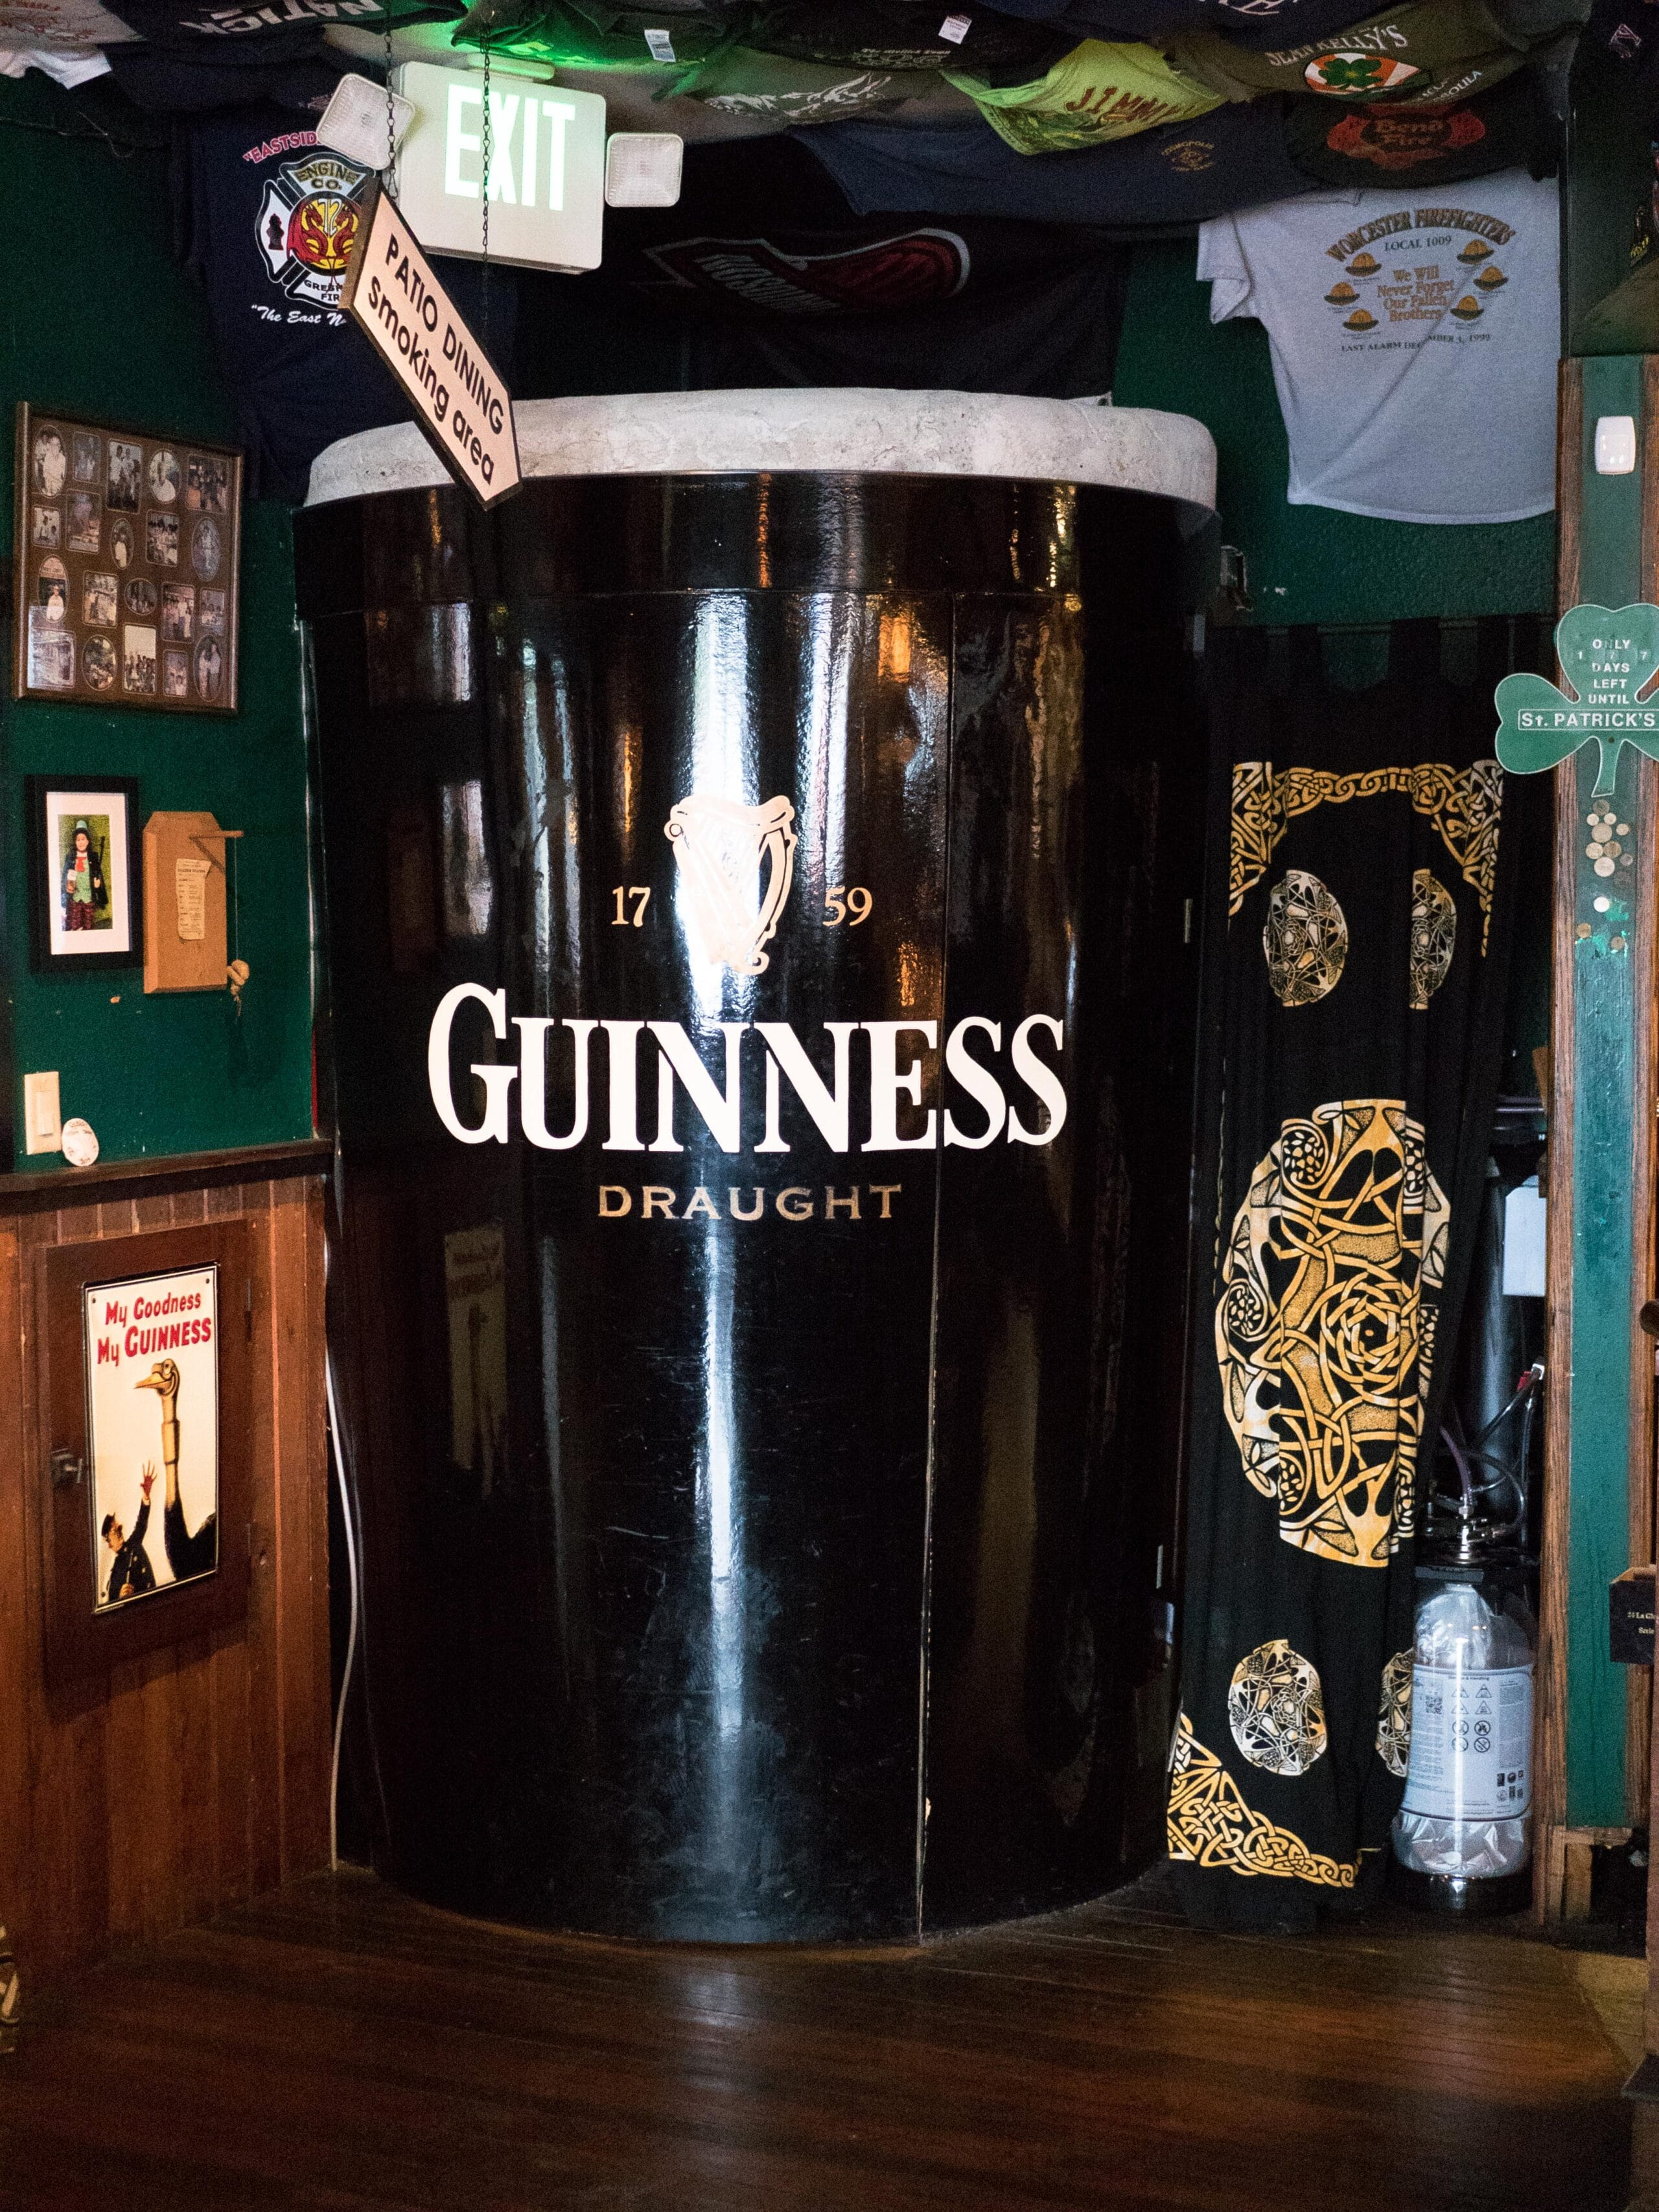 The door to the beer garden at the Galway Irish Pub in Ocean Shores, WA.